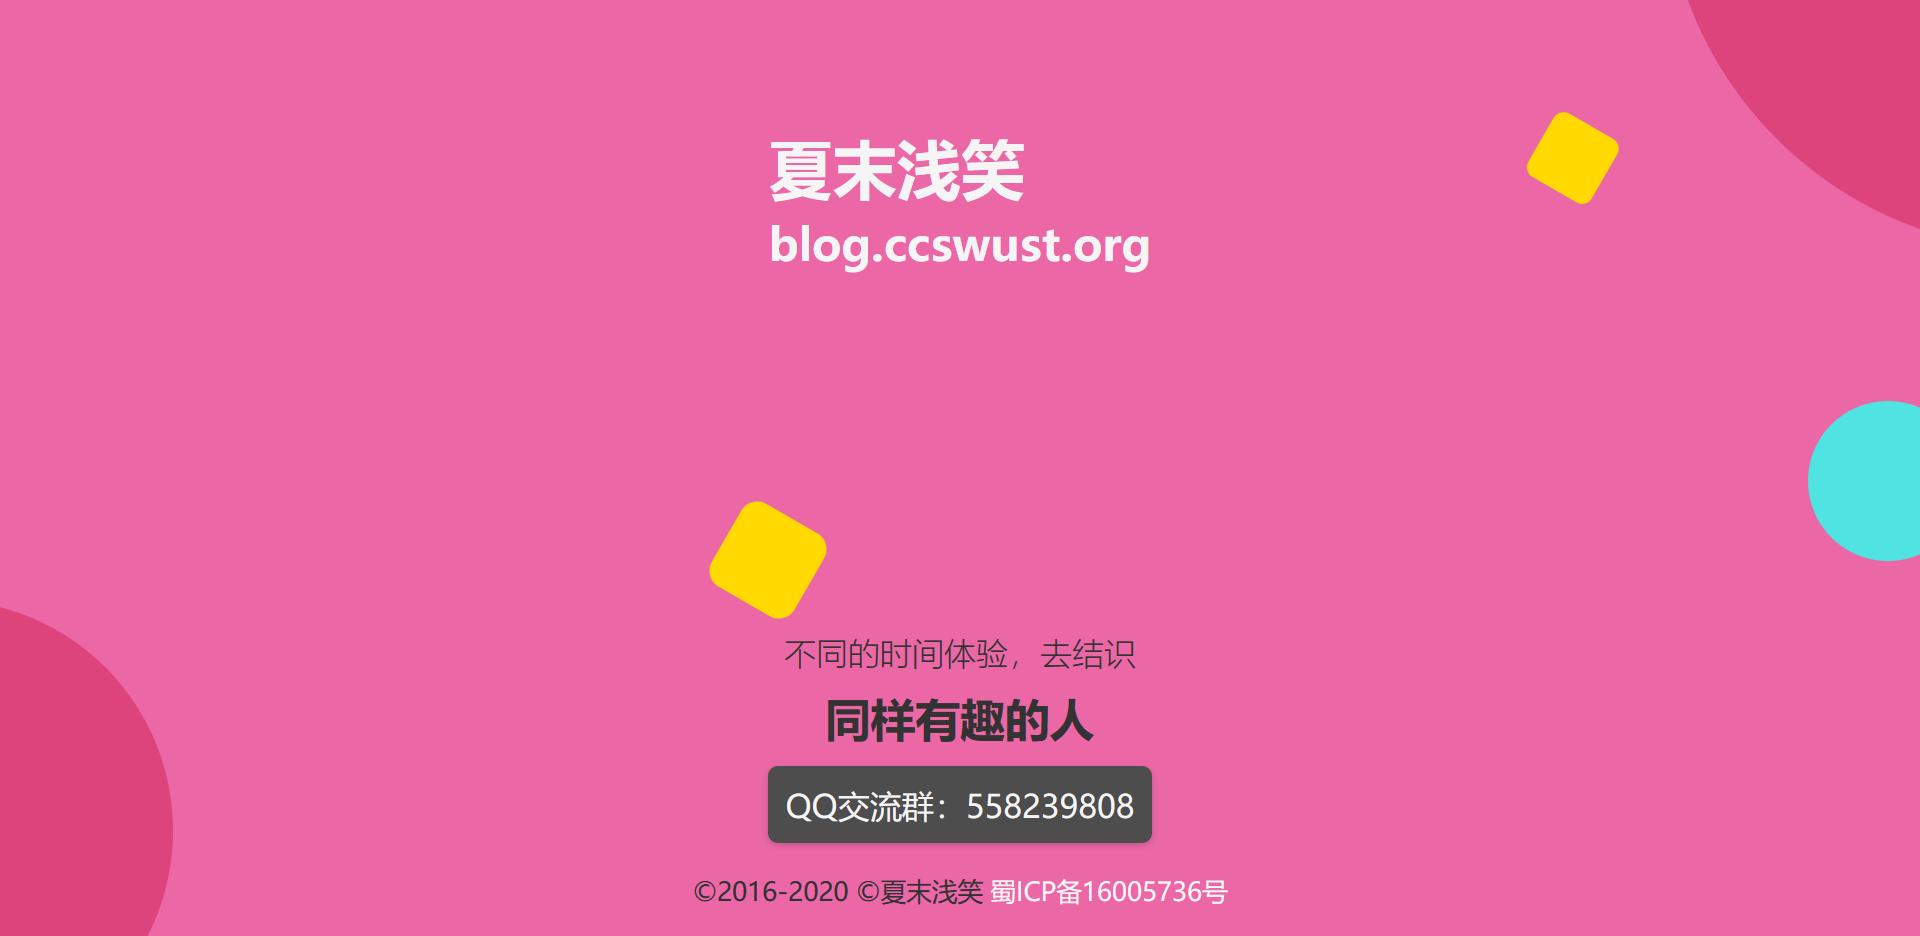 分享一个蛮不错的响应式HTML单页代码